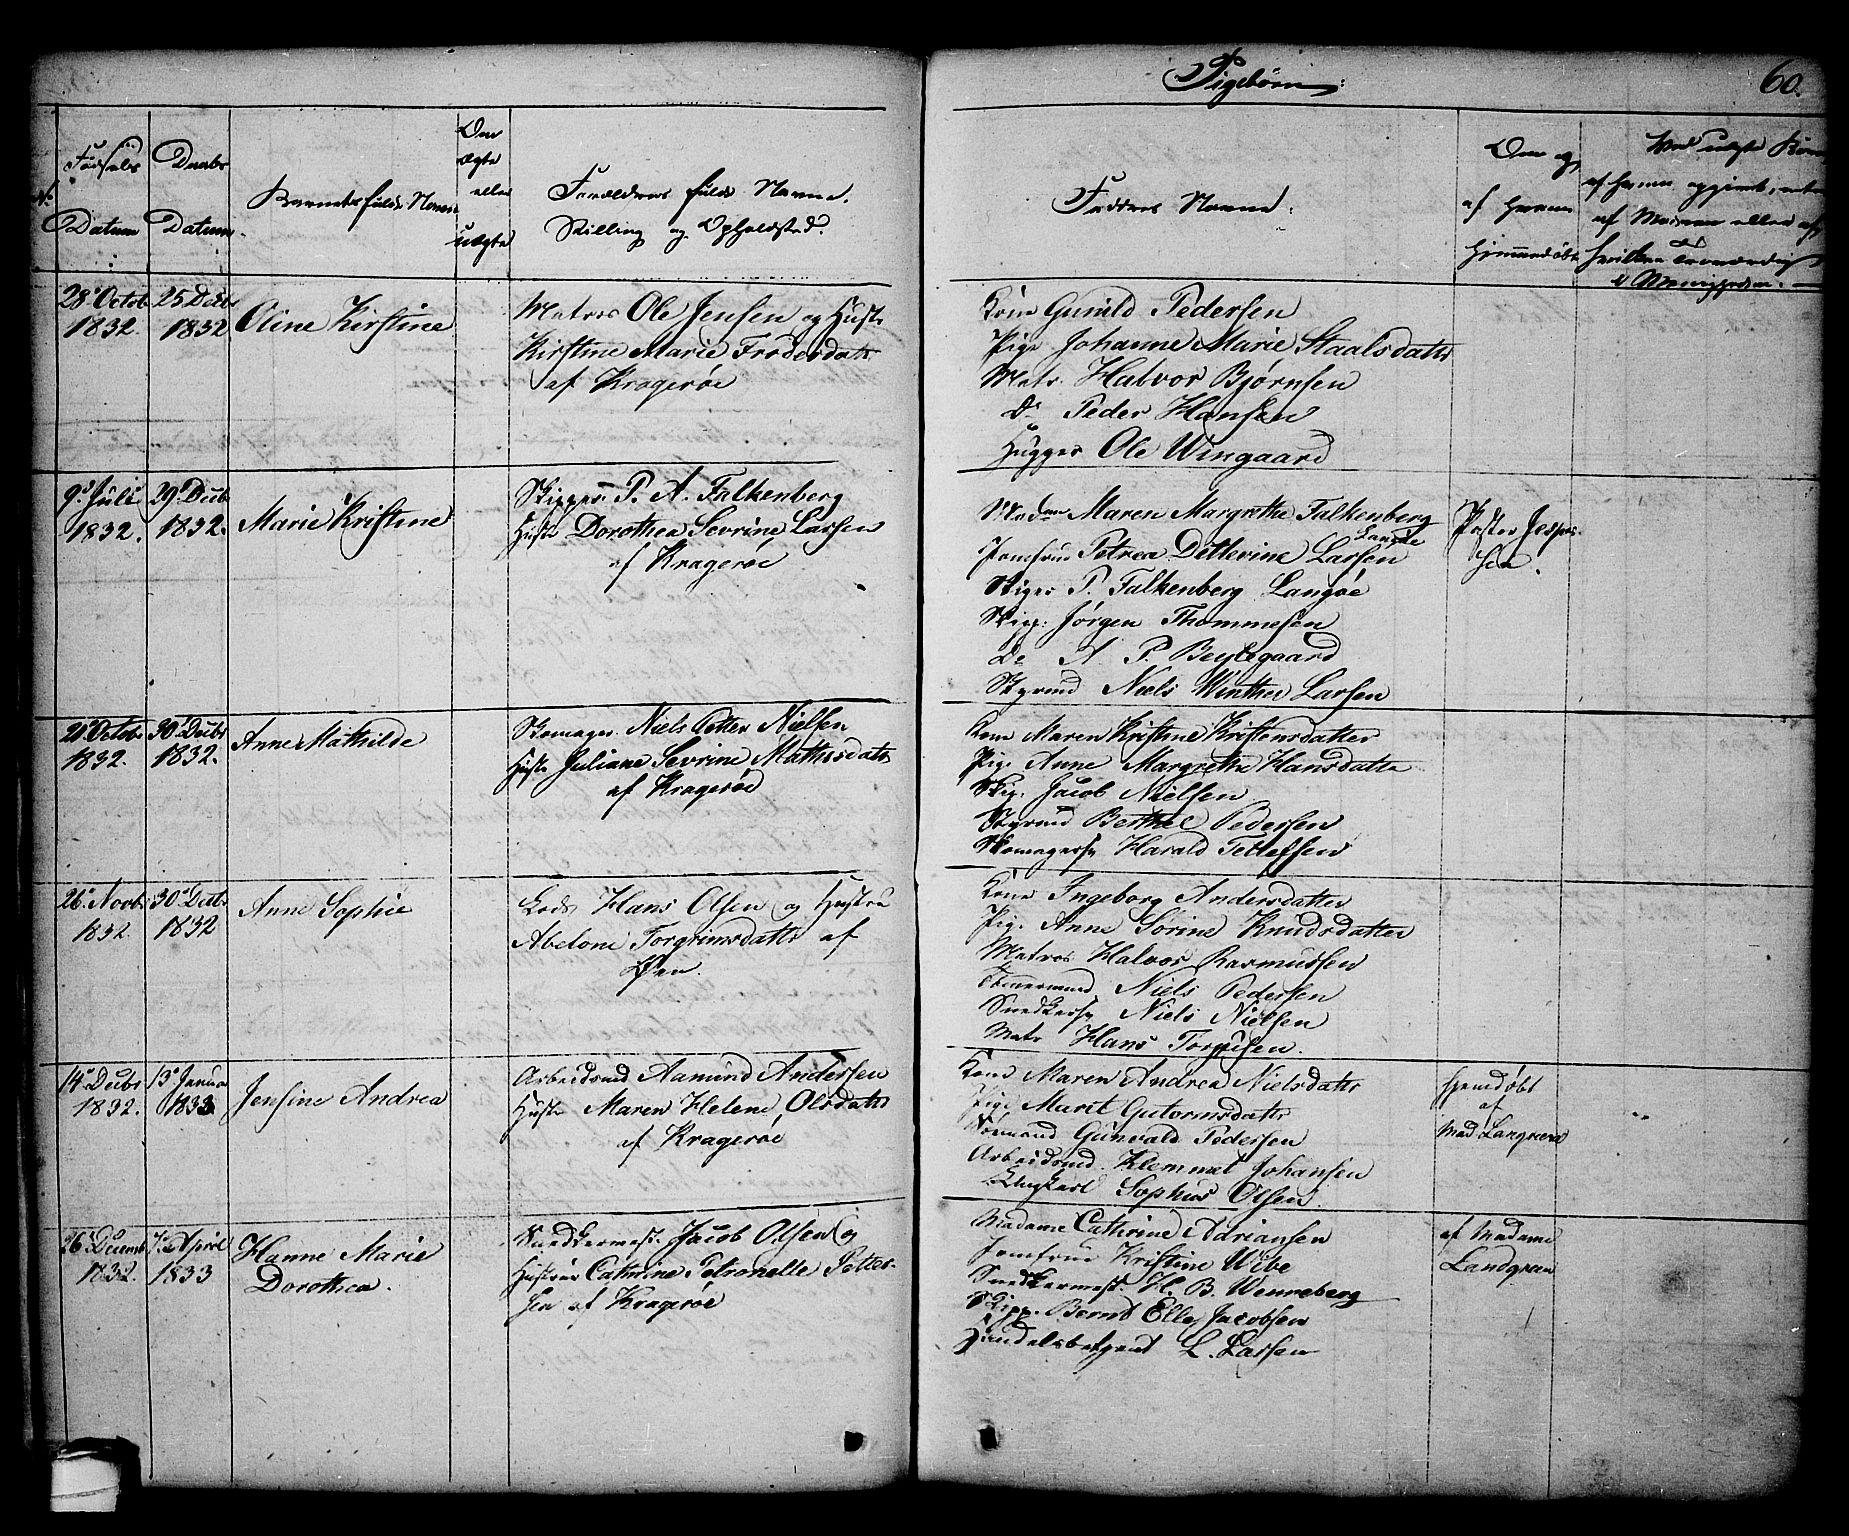 SAKO, Kragerø kirkebøker, G/Ga/L0003: Klokkerbok nr. 3, 1832-1852, s. 60